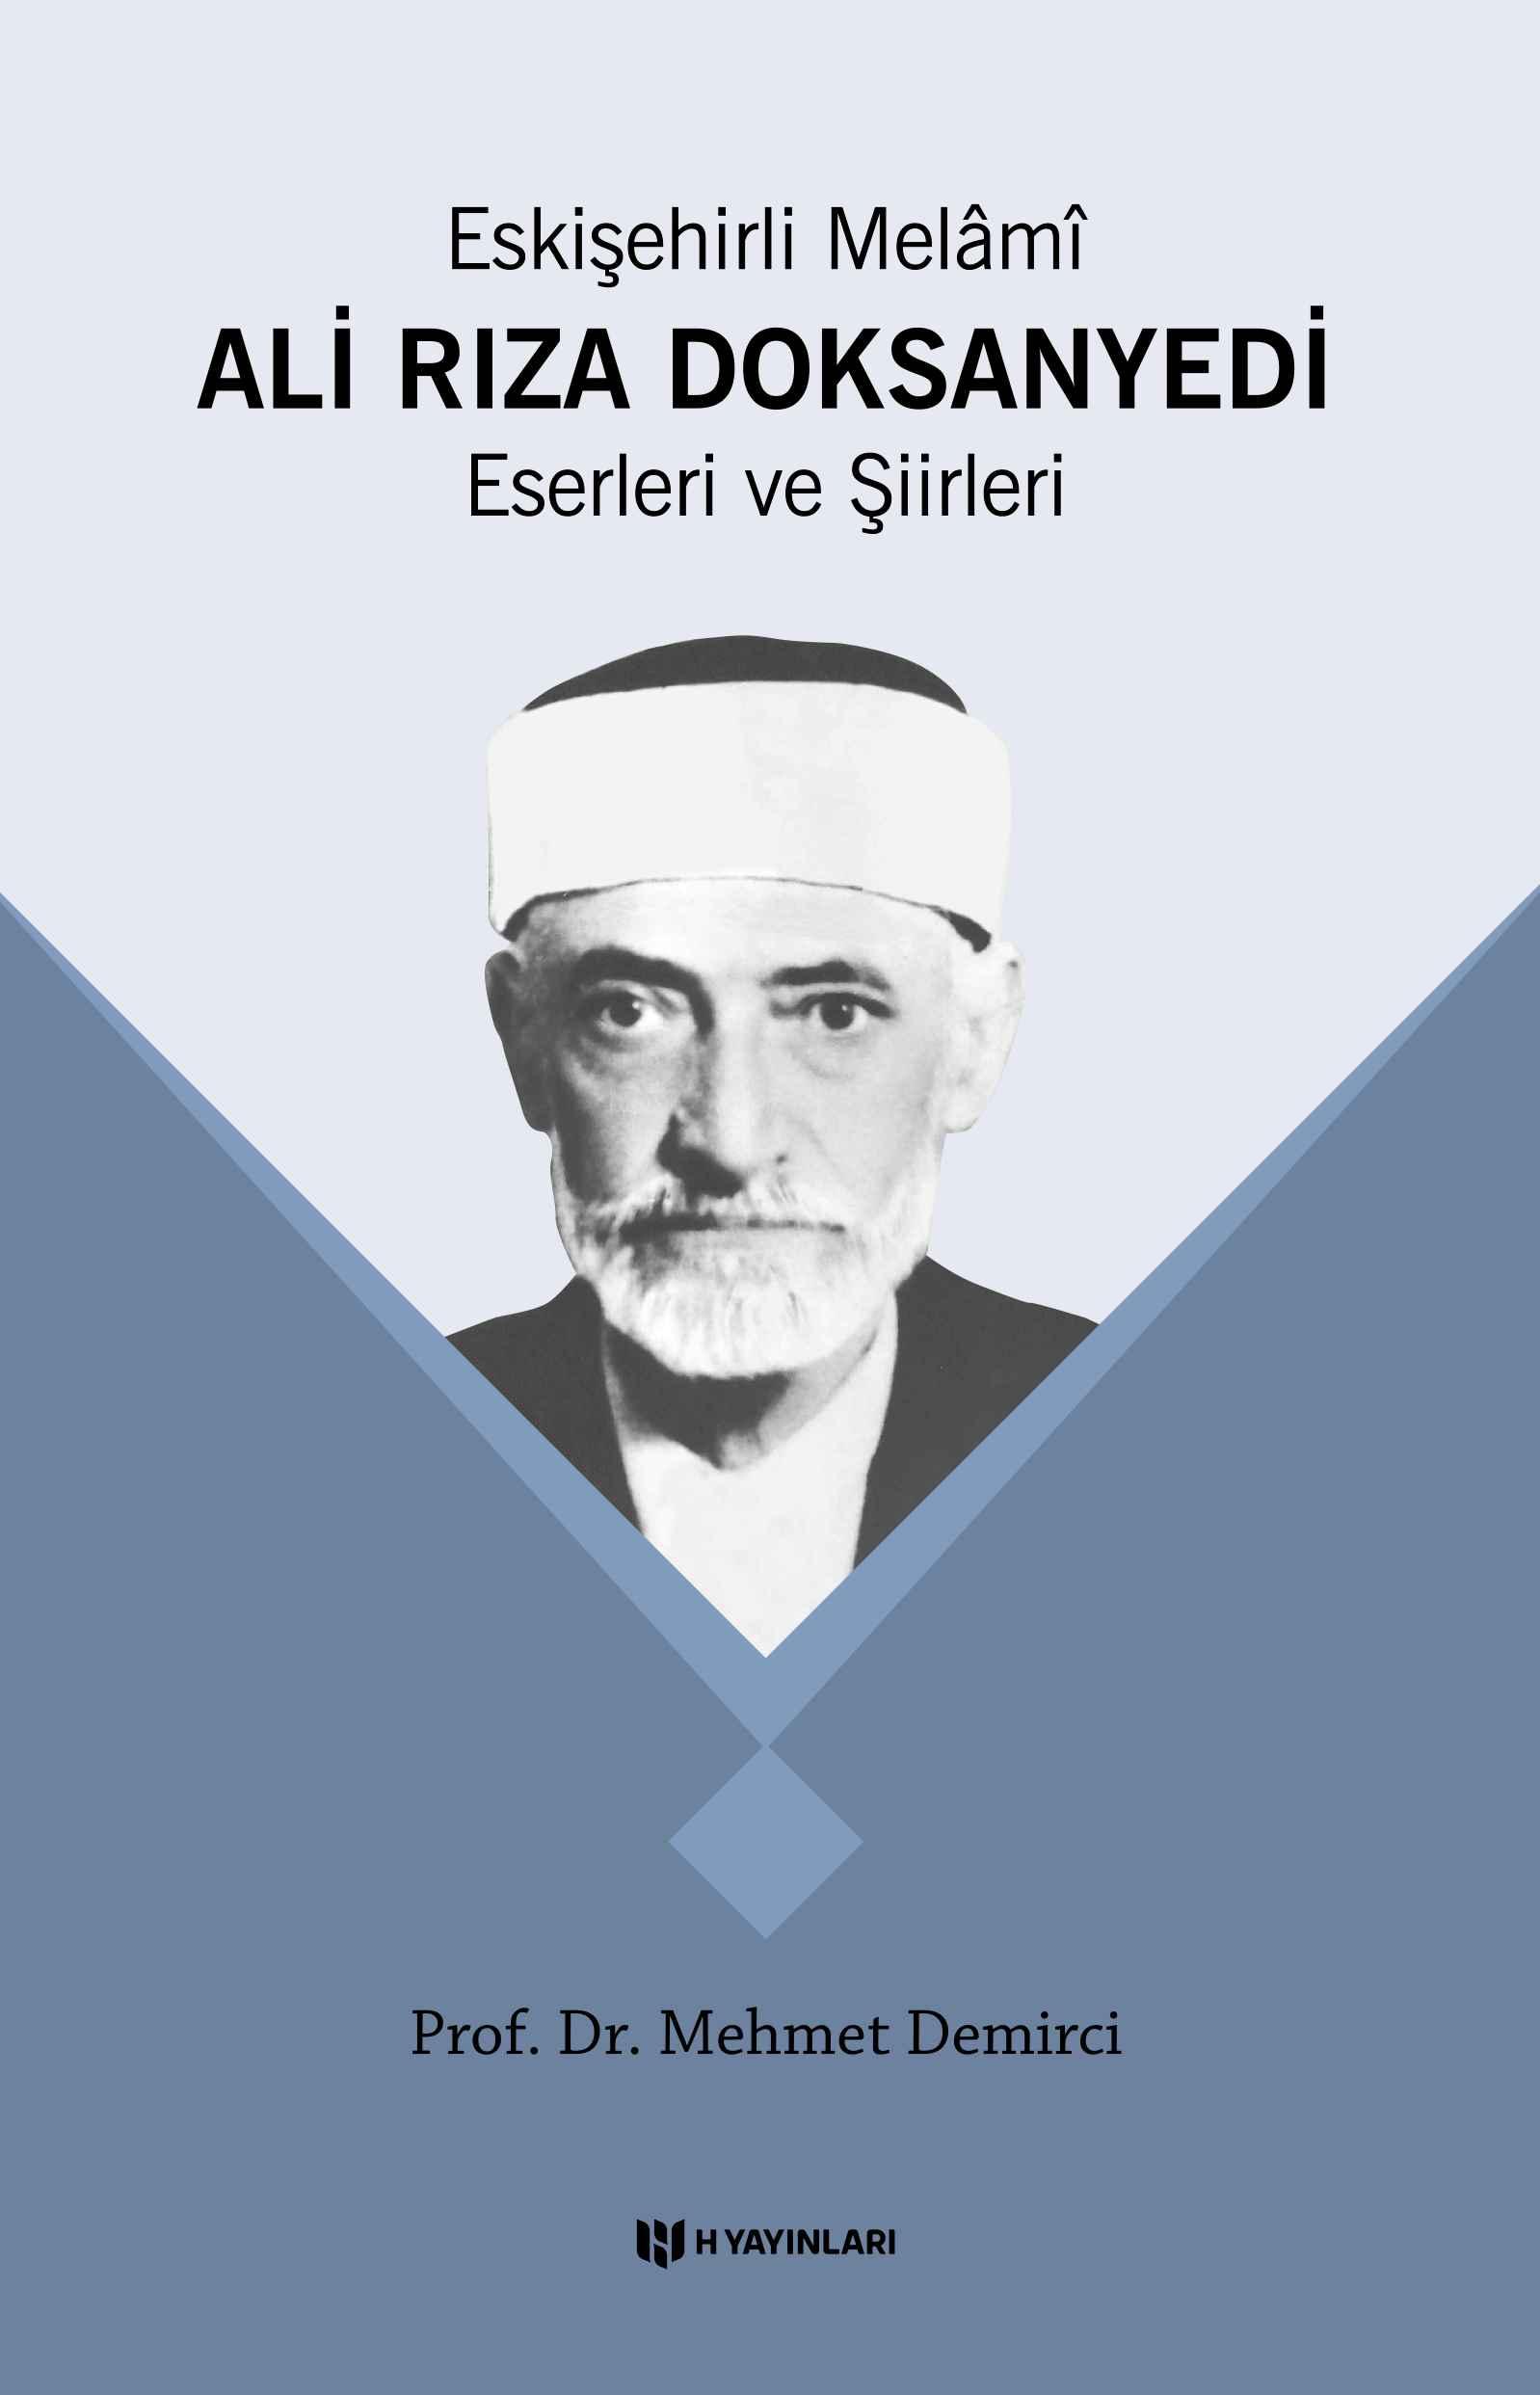 Eskişehirli  Melâmi Ali Rıza Doksanyedi